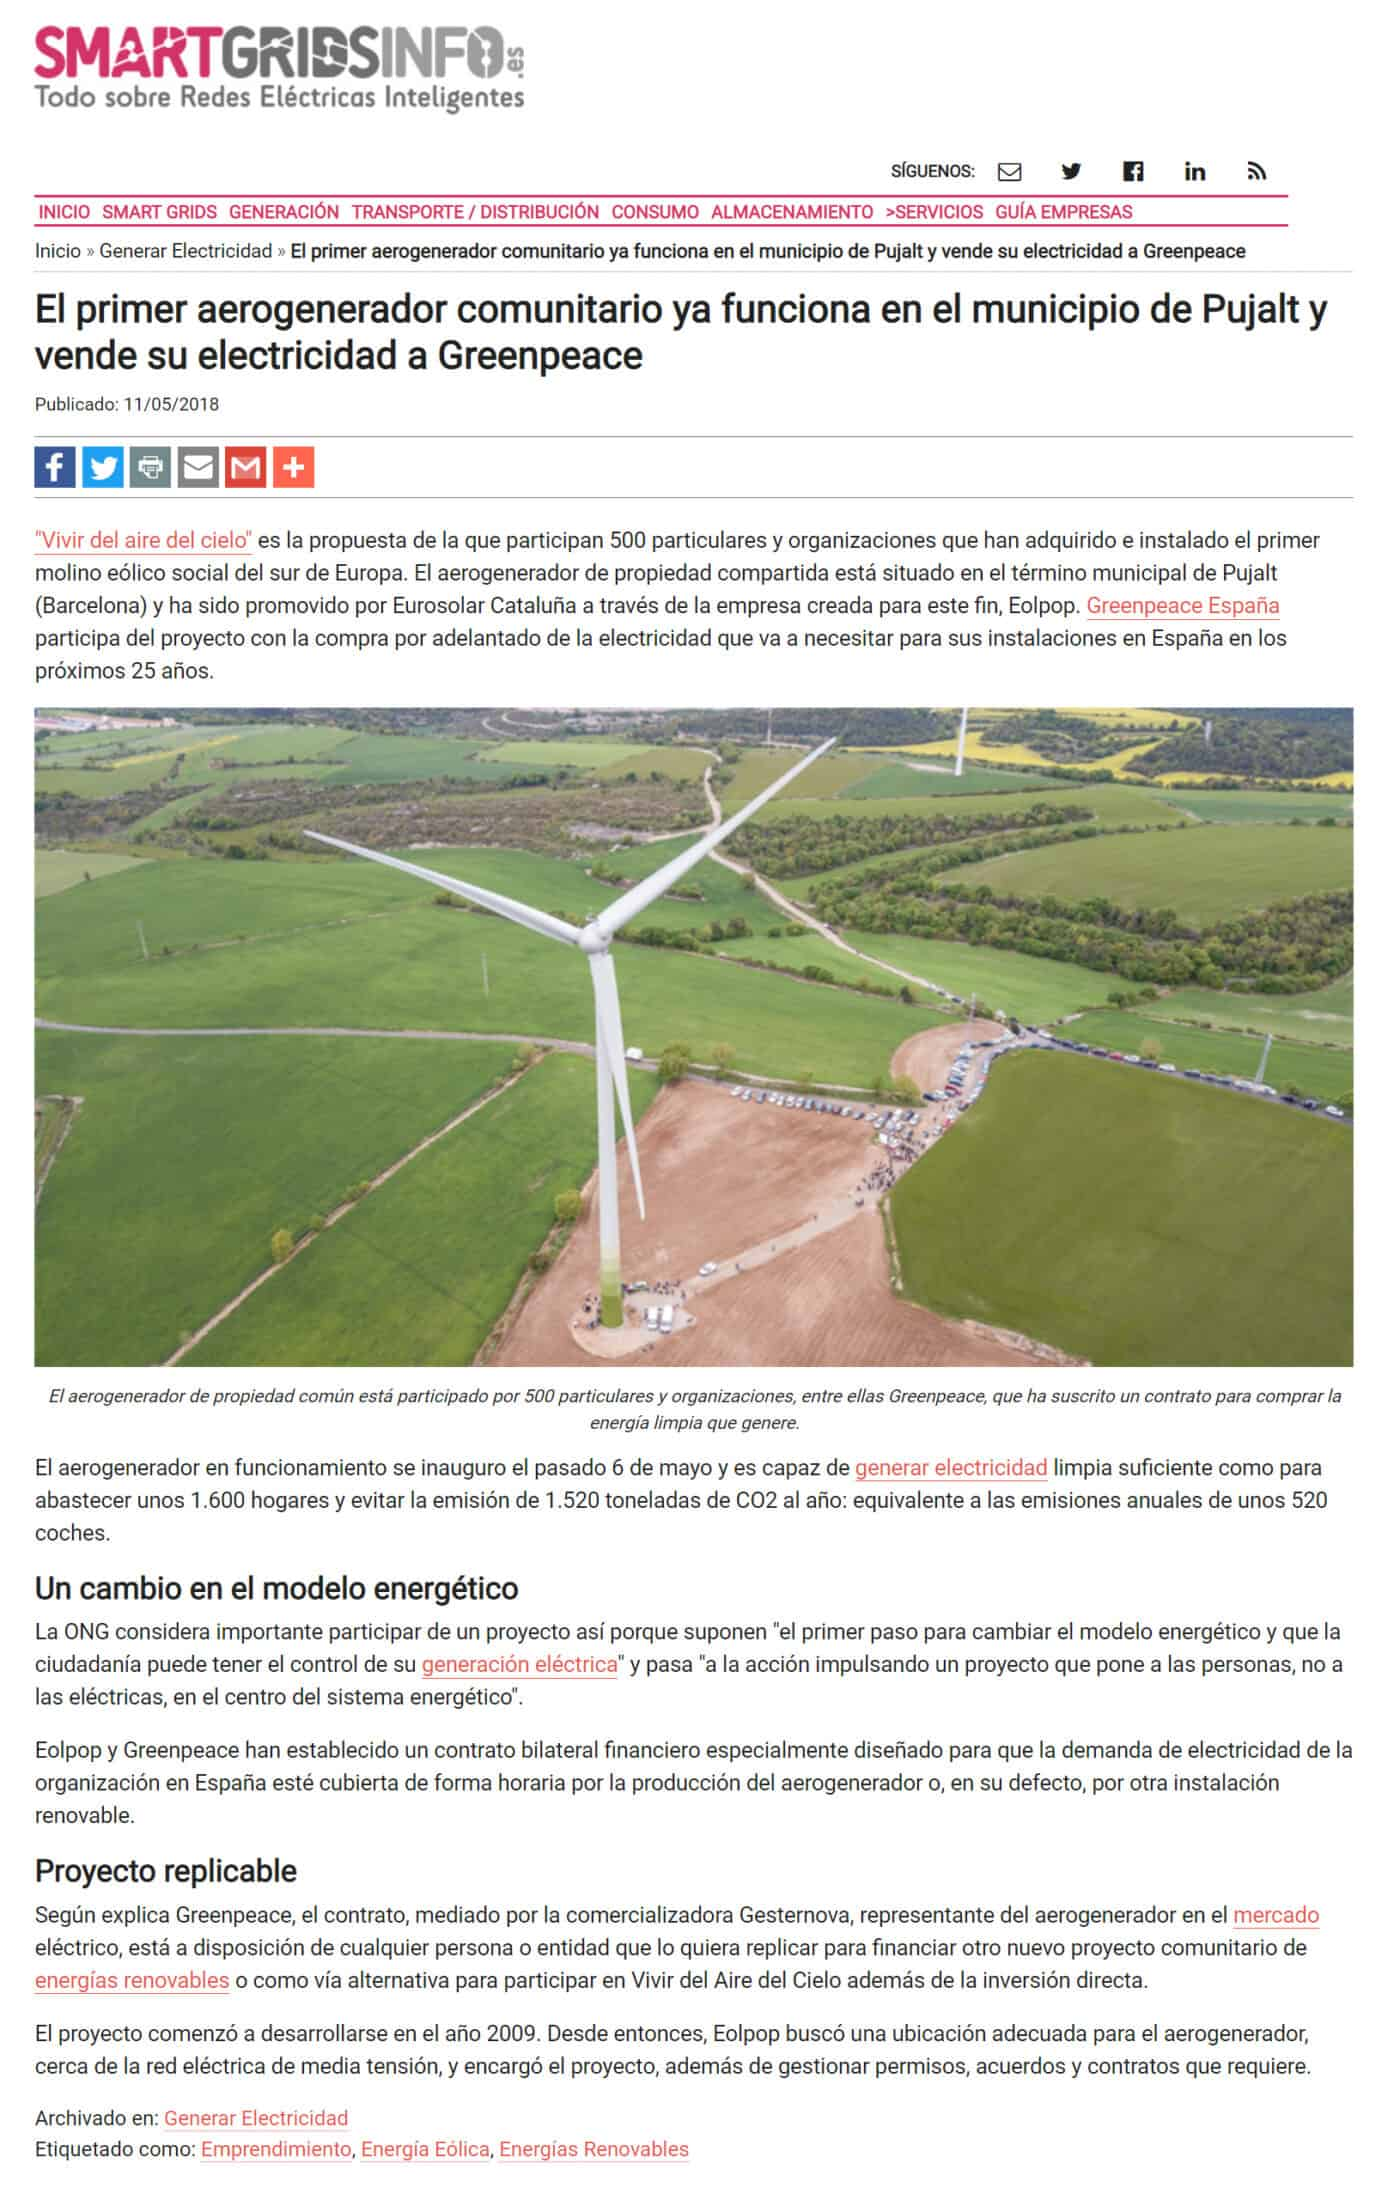 180906 - SmartGridsInfo - El-primer-aerogenerador-comunitario-ya-funciona-en-el-municipio-de-Pujalt-y-vende-su-electricidad-a-Greenpeace